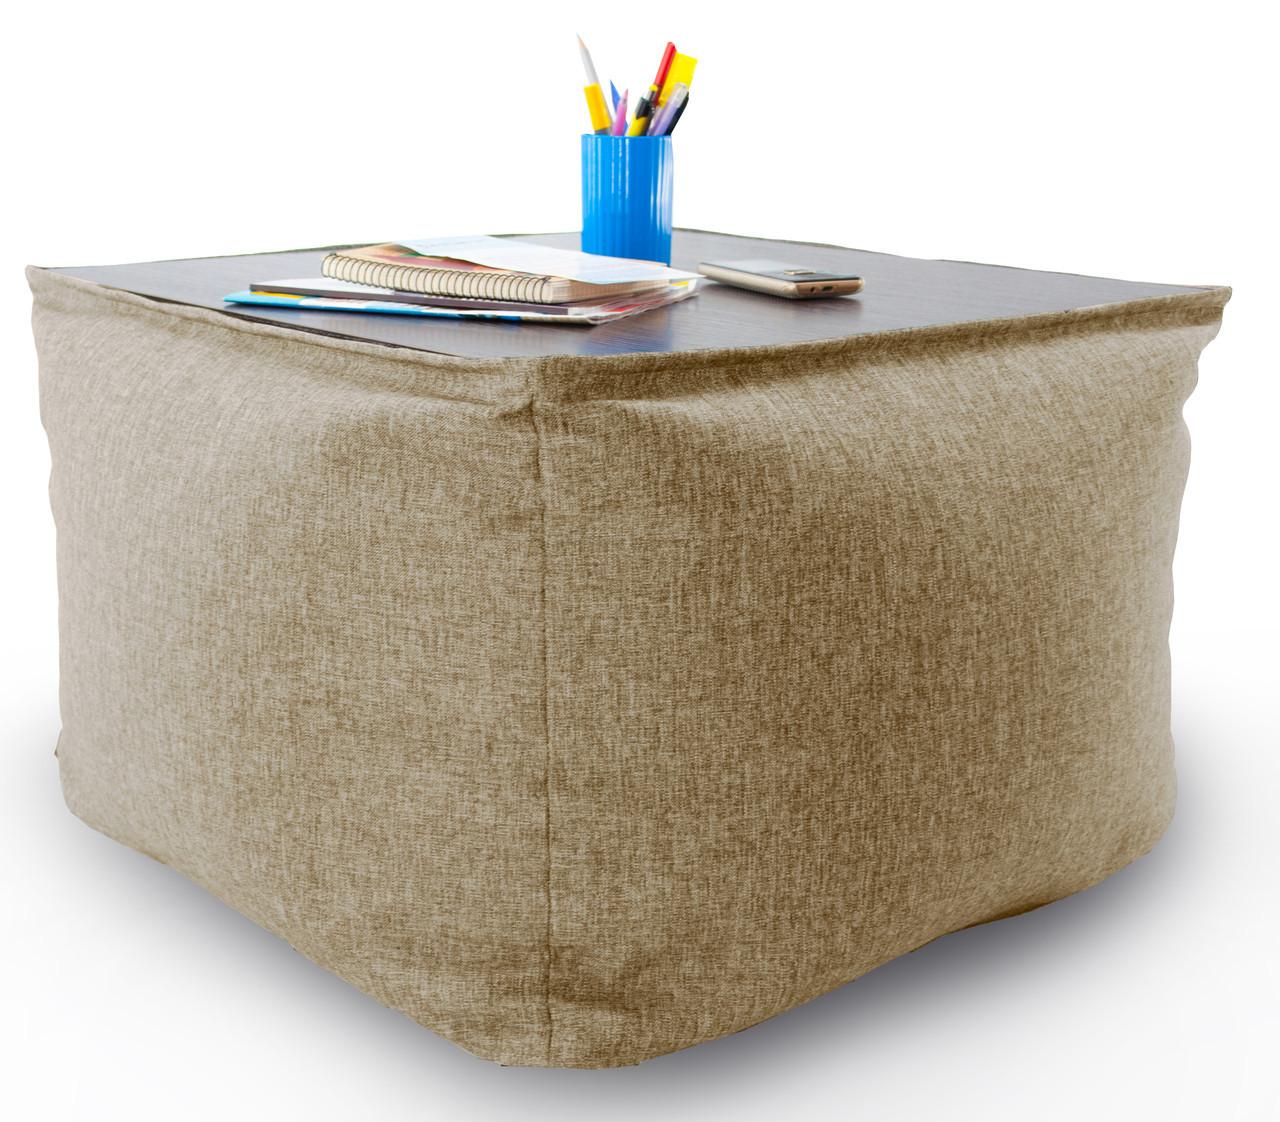 Бескаркасный столик в ткане Микро-рогожка 45см.